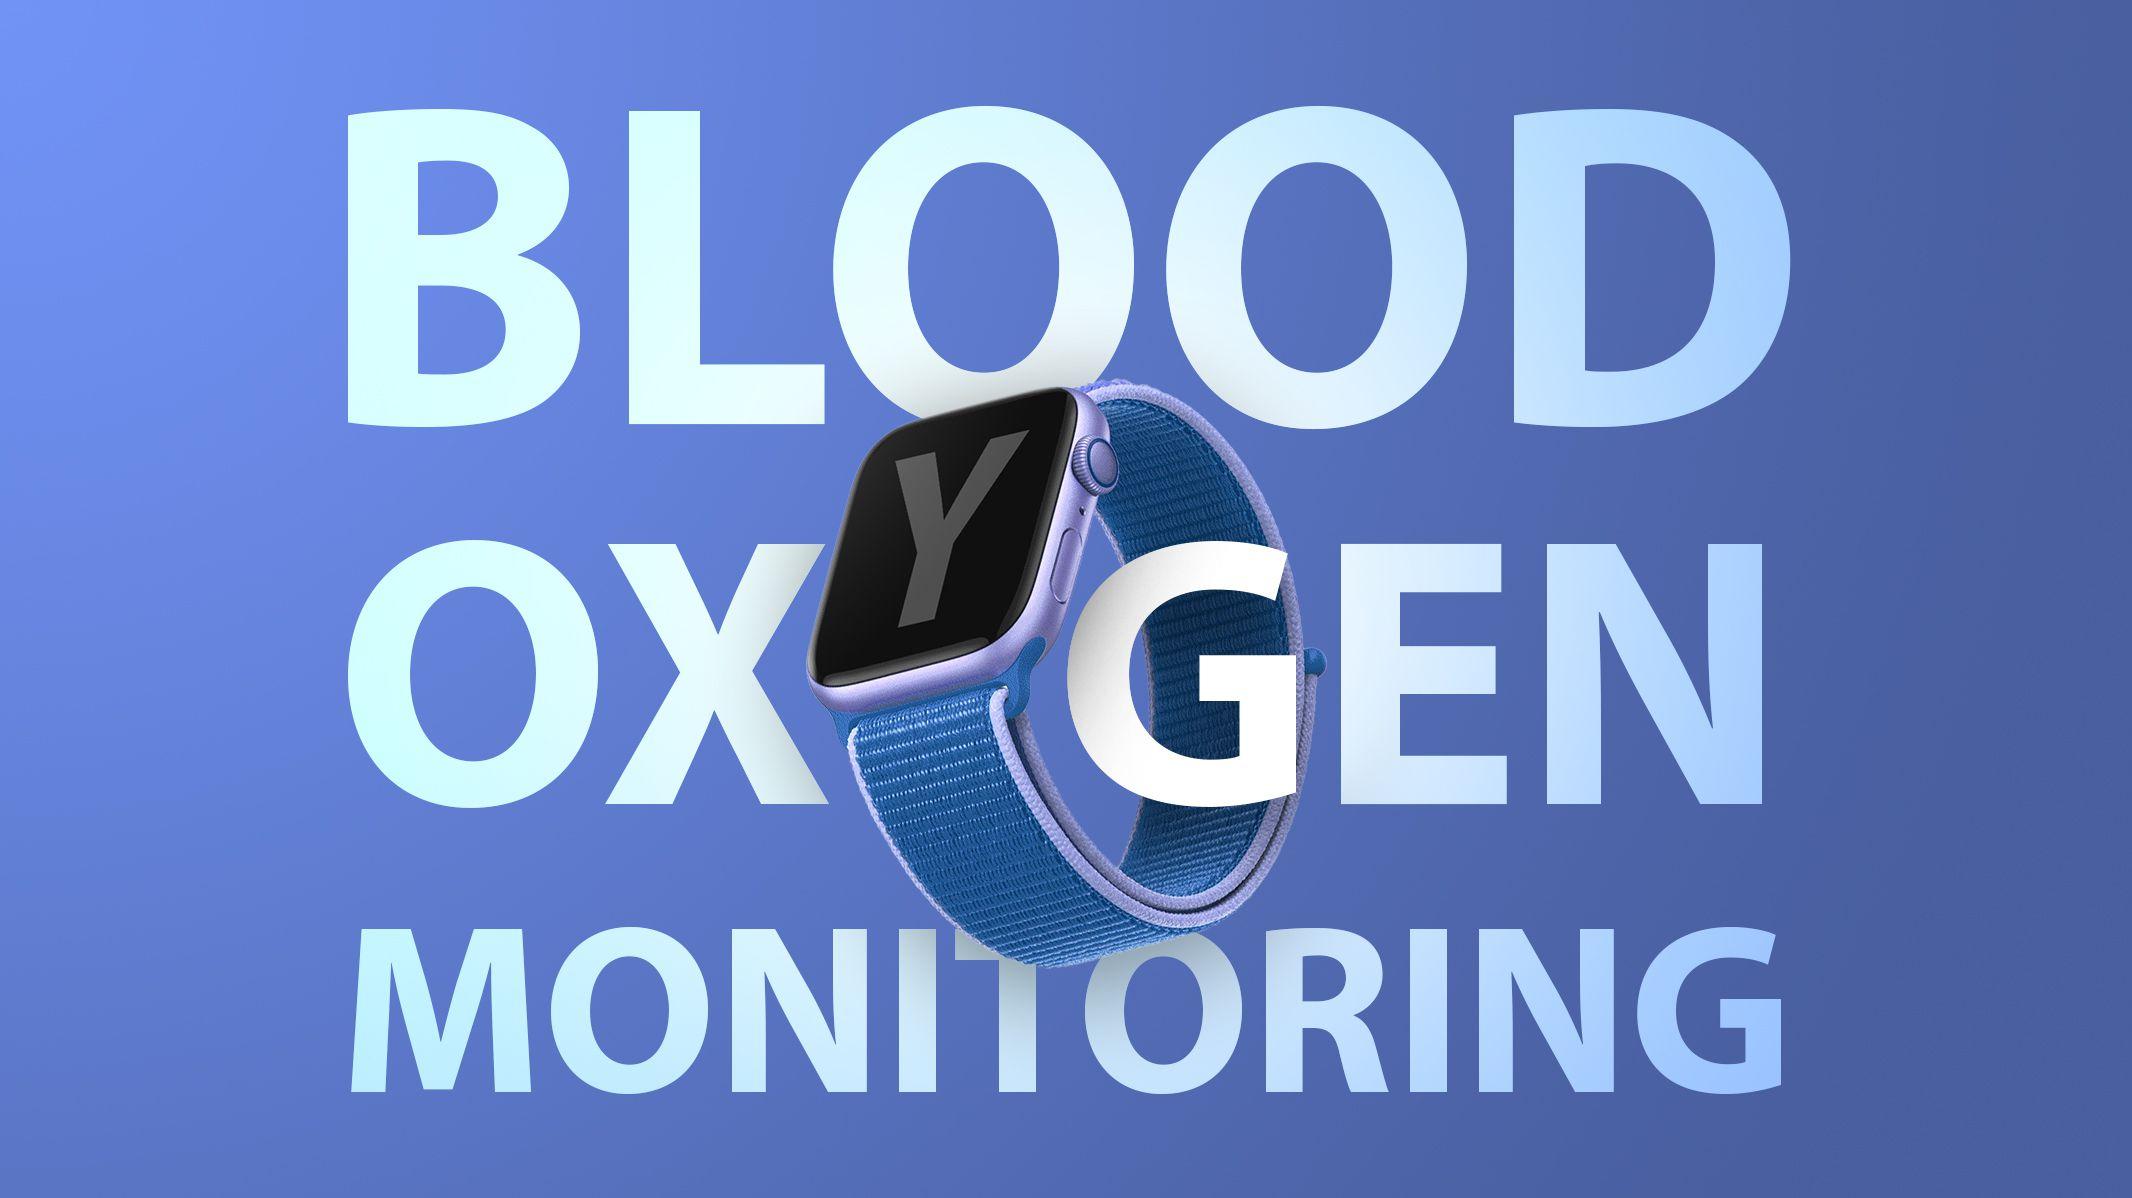 Apple Watch Blood Oxygen2 feature 1.'